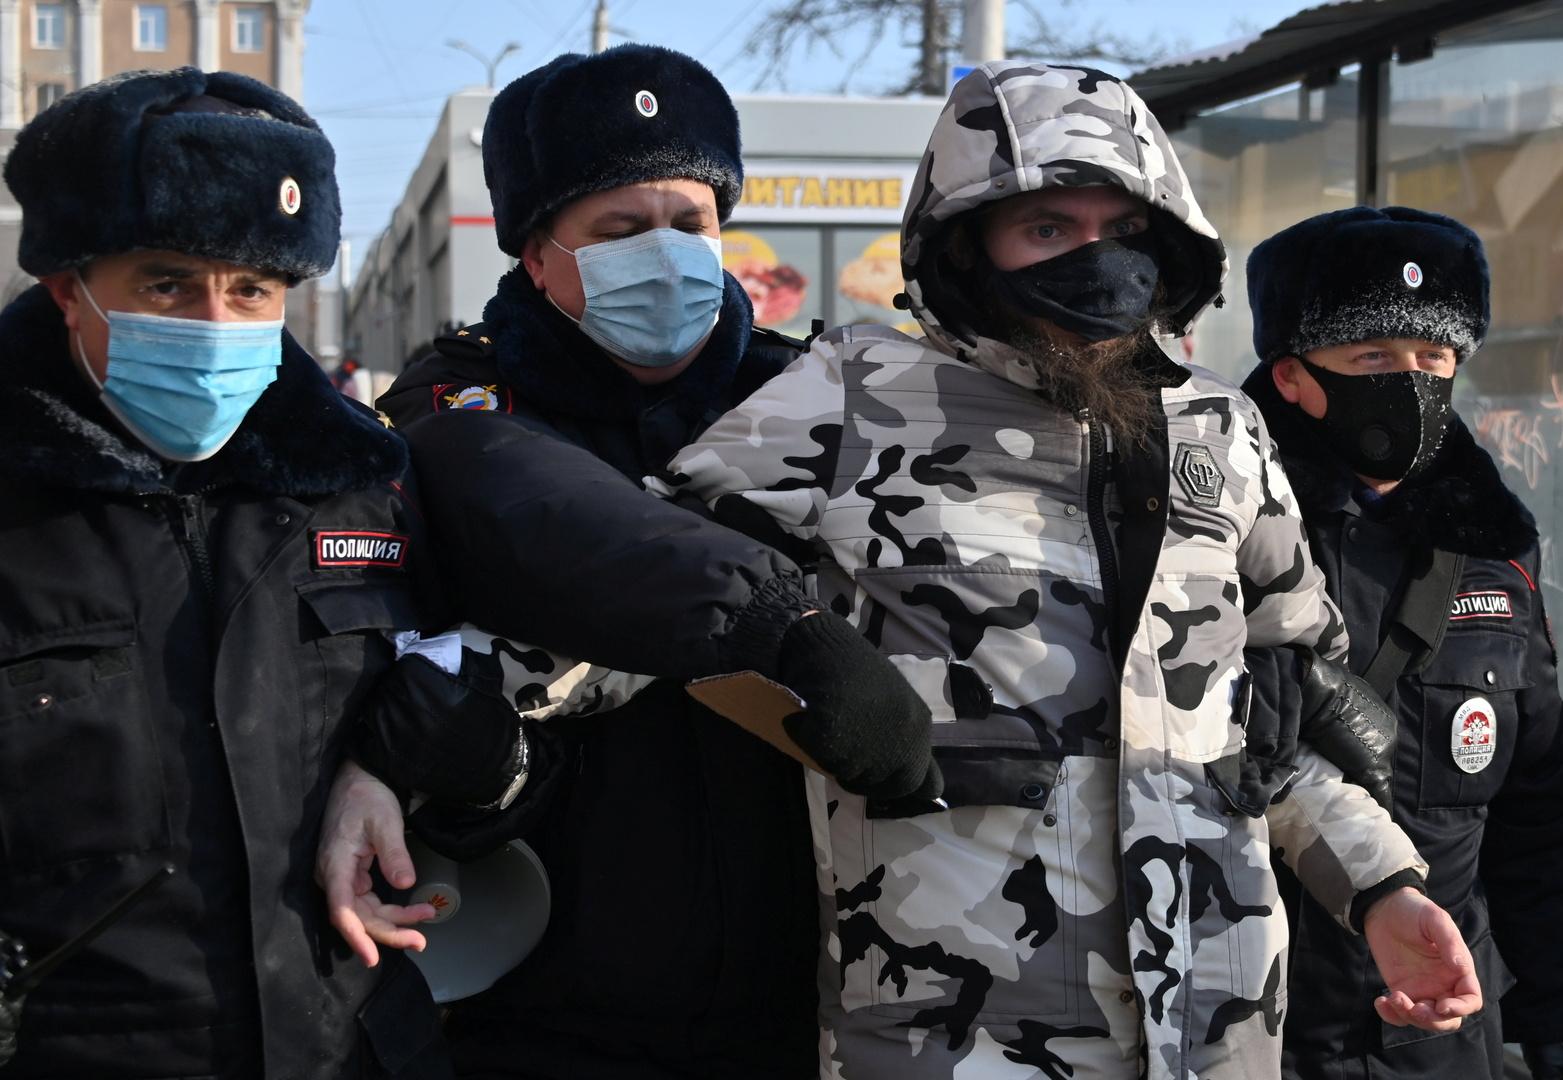 مظاهرات غير مرخص بها في روسيا دعما لنافالني